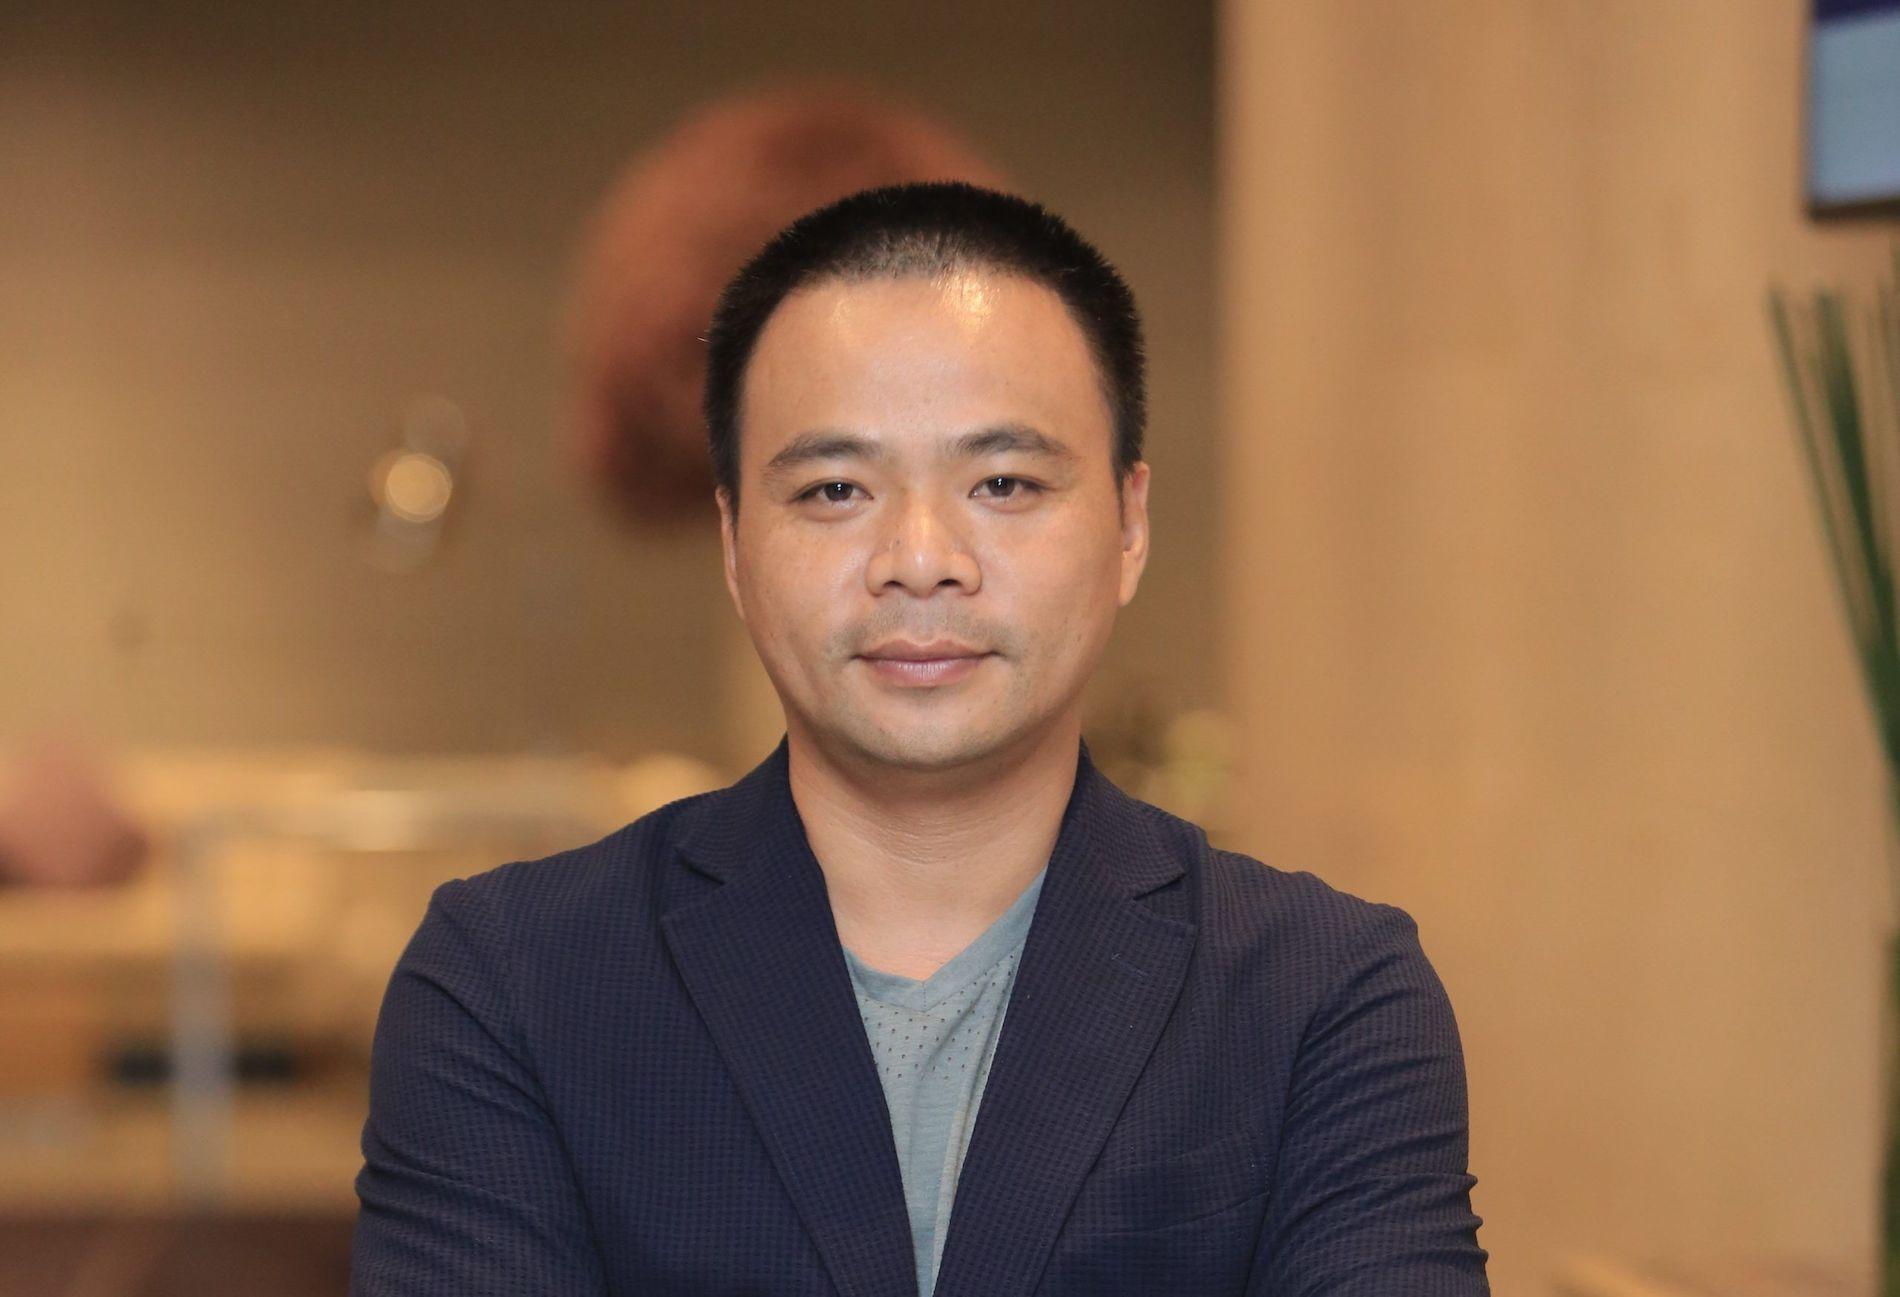 Ông Đinh Anh Huân, người sáng lập Seedcom và Ficus. Ảnh: Seedcom